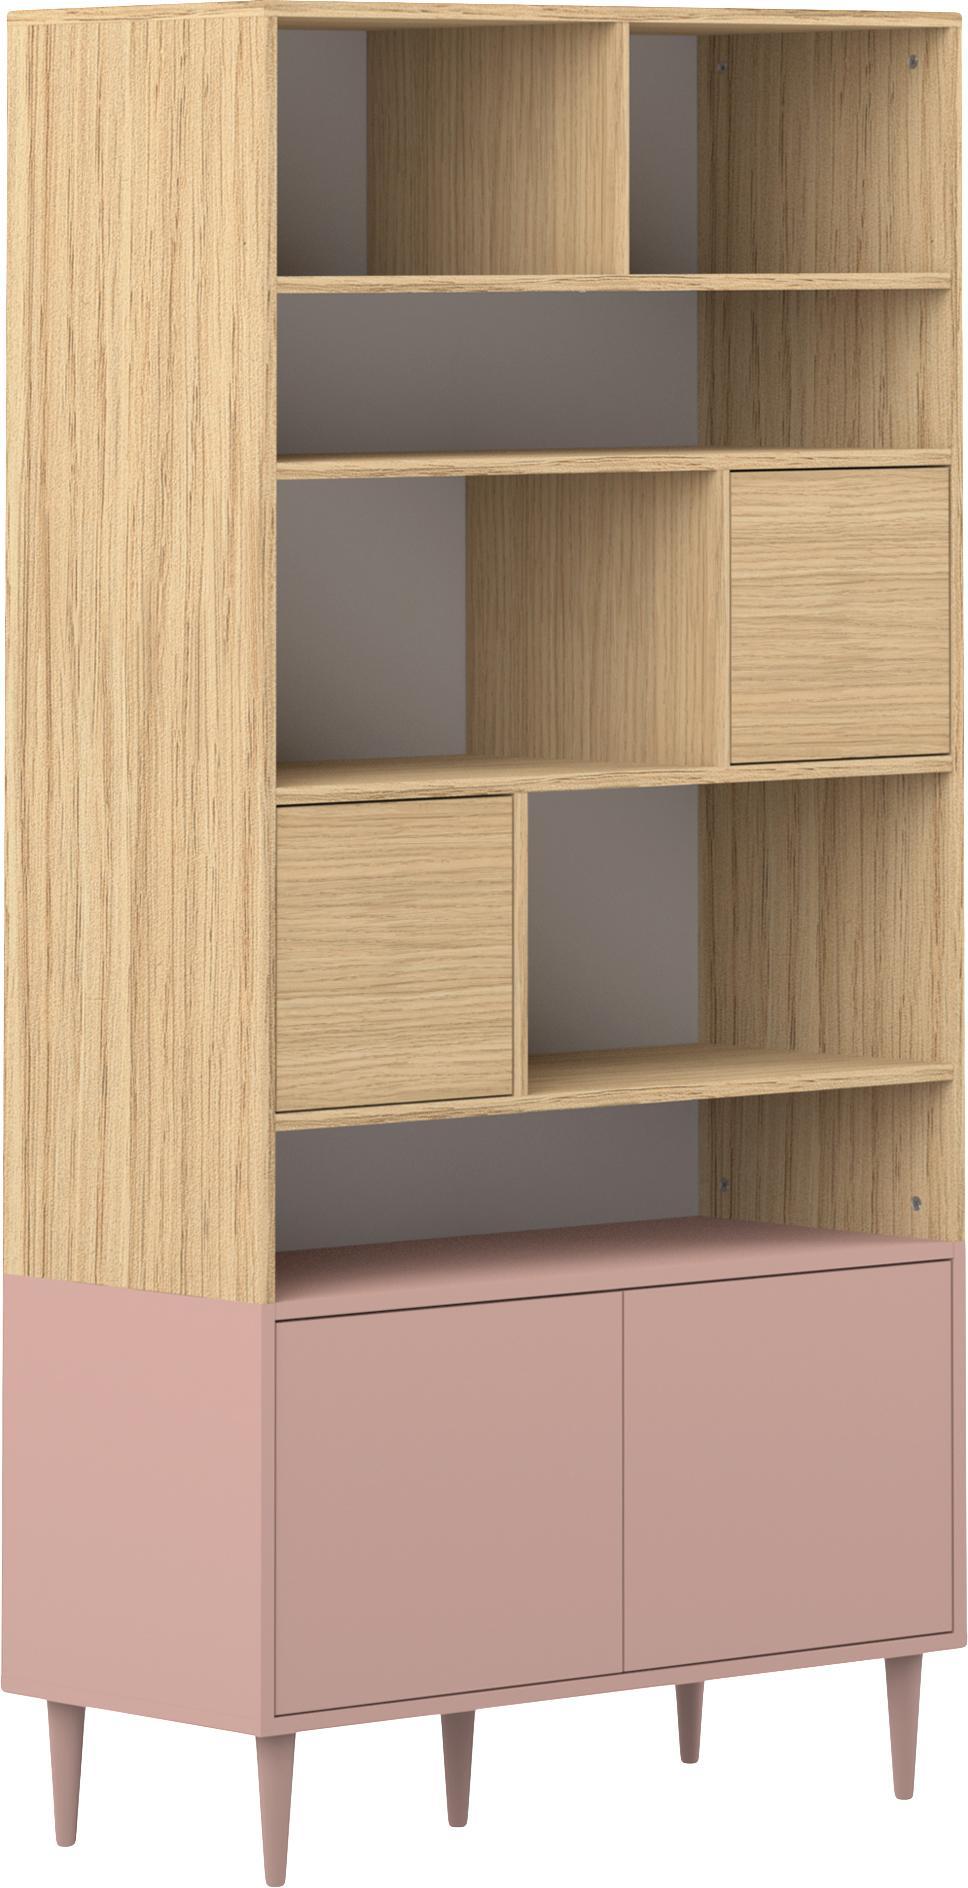 Libreria in design scandi Horizon, Piedini: legno di faggio, massicci, Legno di quercia, rosa cipria, Larg. 90 x Alt. 180 cm